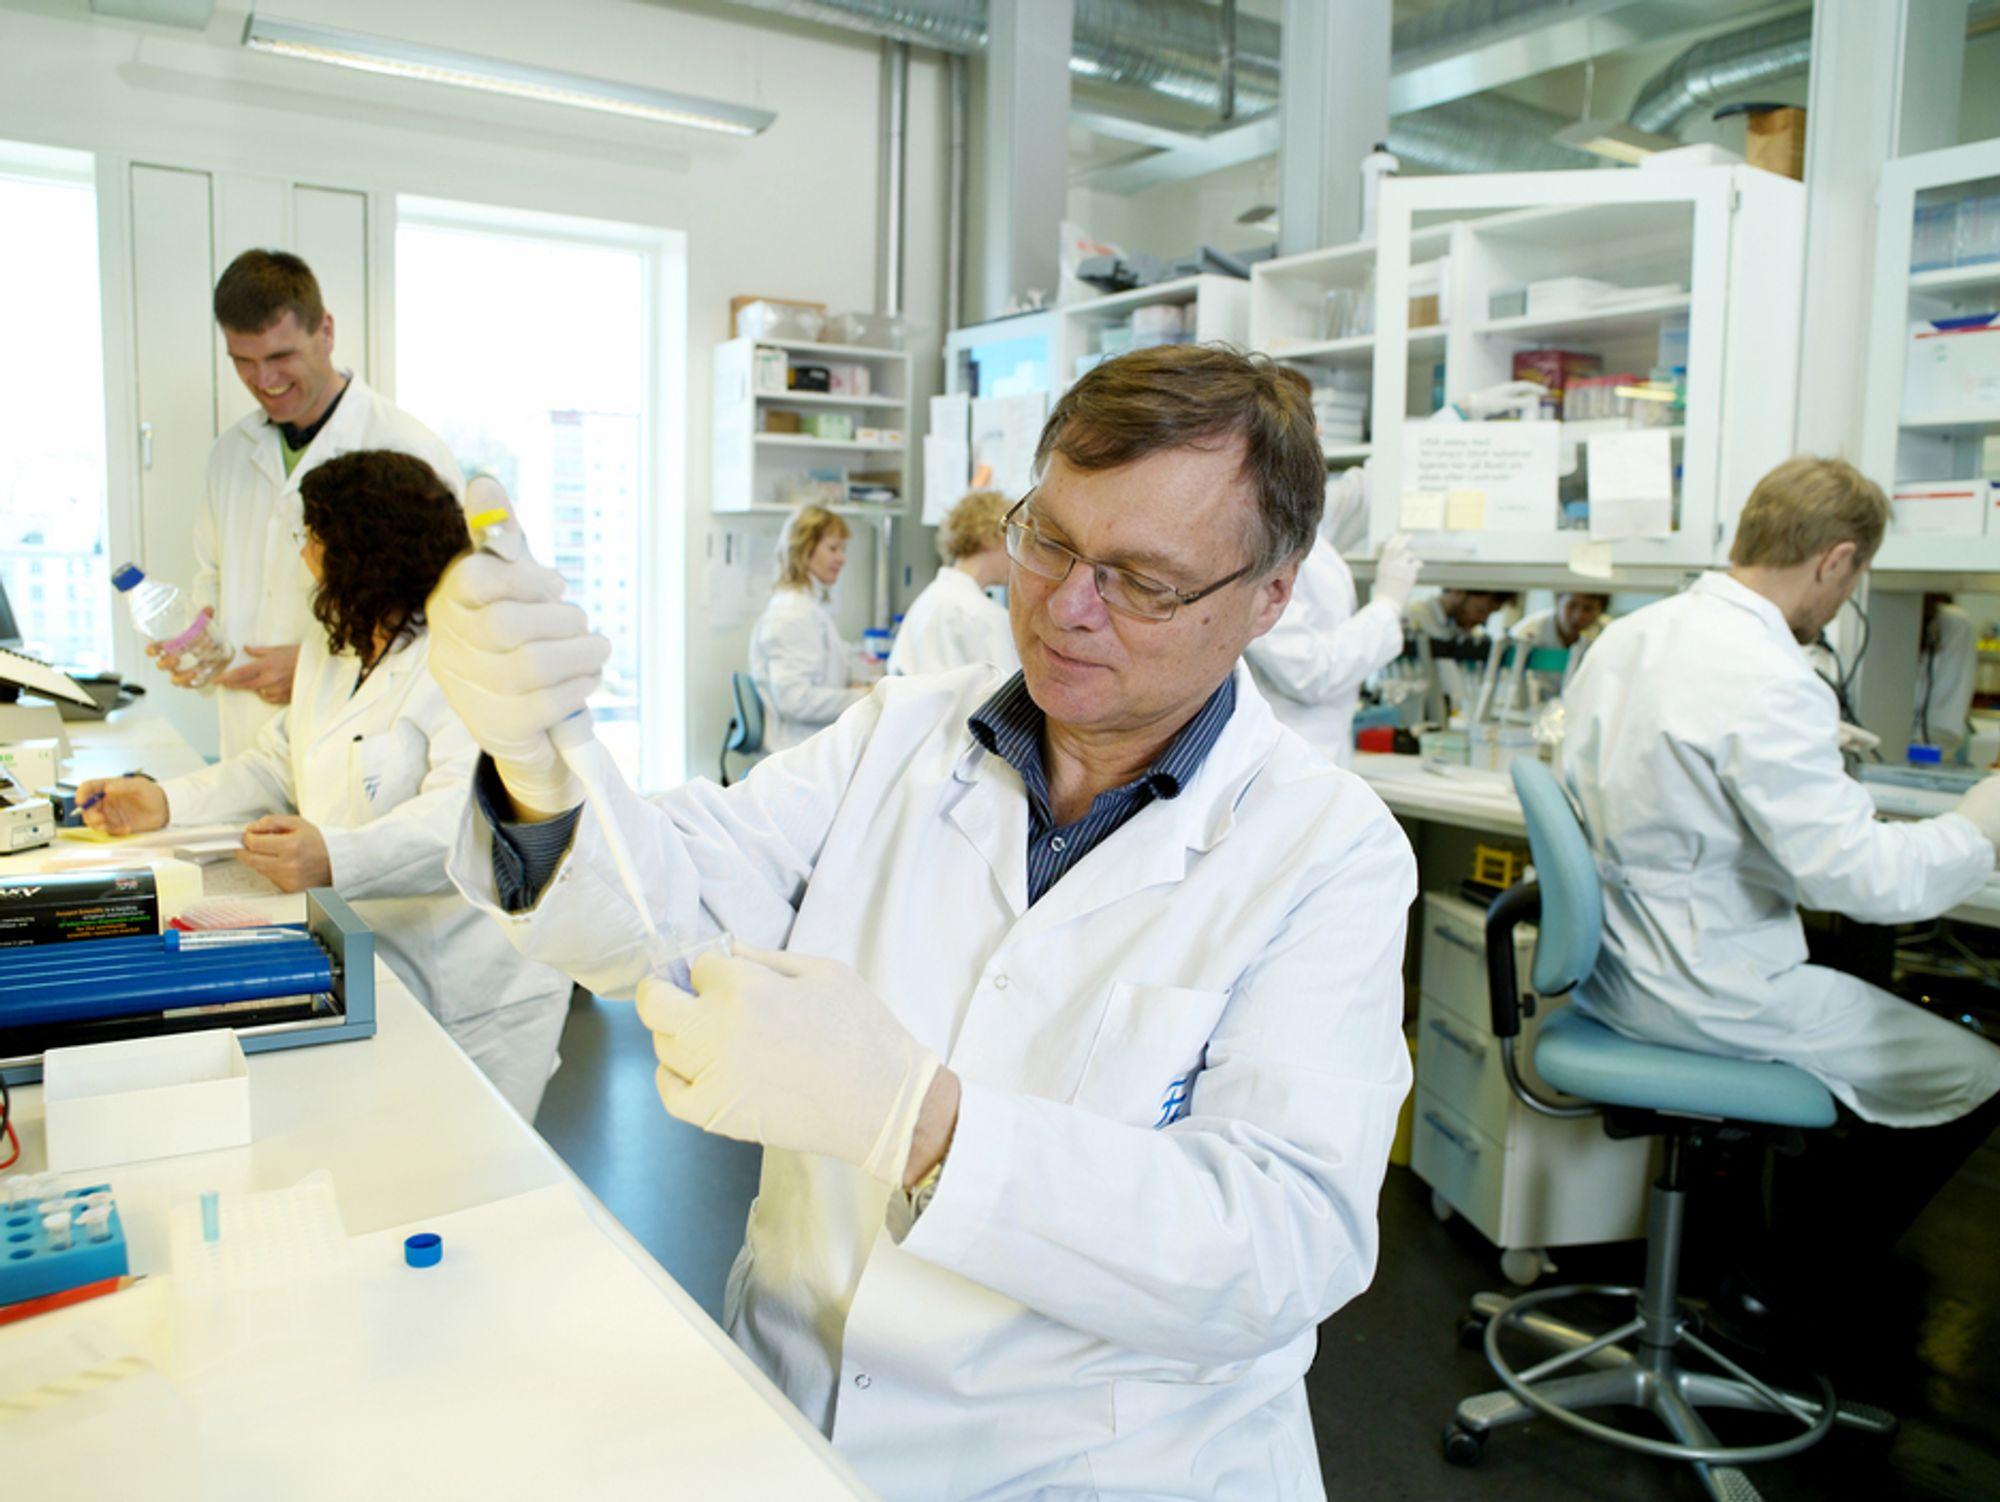 ETTERLYSER BRED DEBATT: -  Innføringen av biodrivstoff har vært drevet av den grønne bølgen, og man har antatt at alt som har med biodrivstoff å gjøre har vært bra. Dessverre er det ikke alltid sånn, sier DNA-professor Hans Krokan ved NTNU.